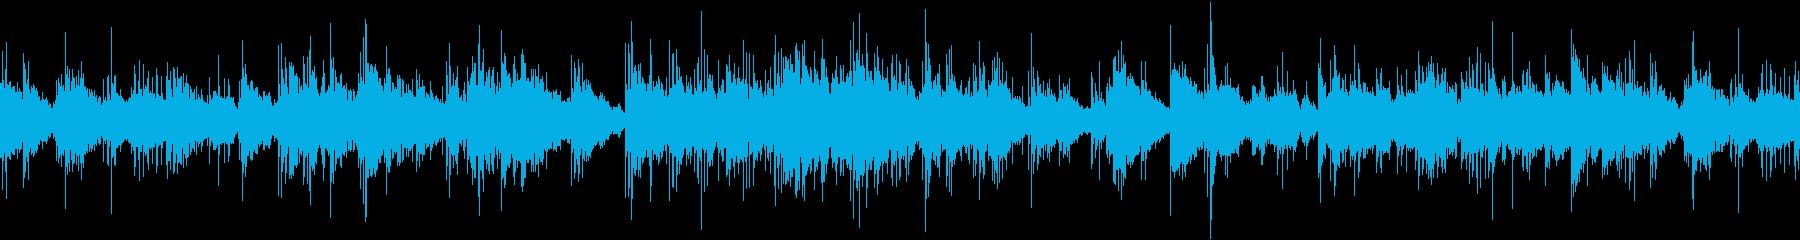 赤ちゃん ベビー  夢見心地 ループ 1の再生済みの波形